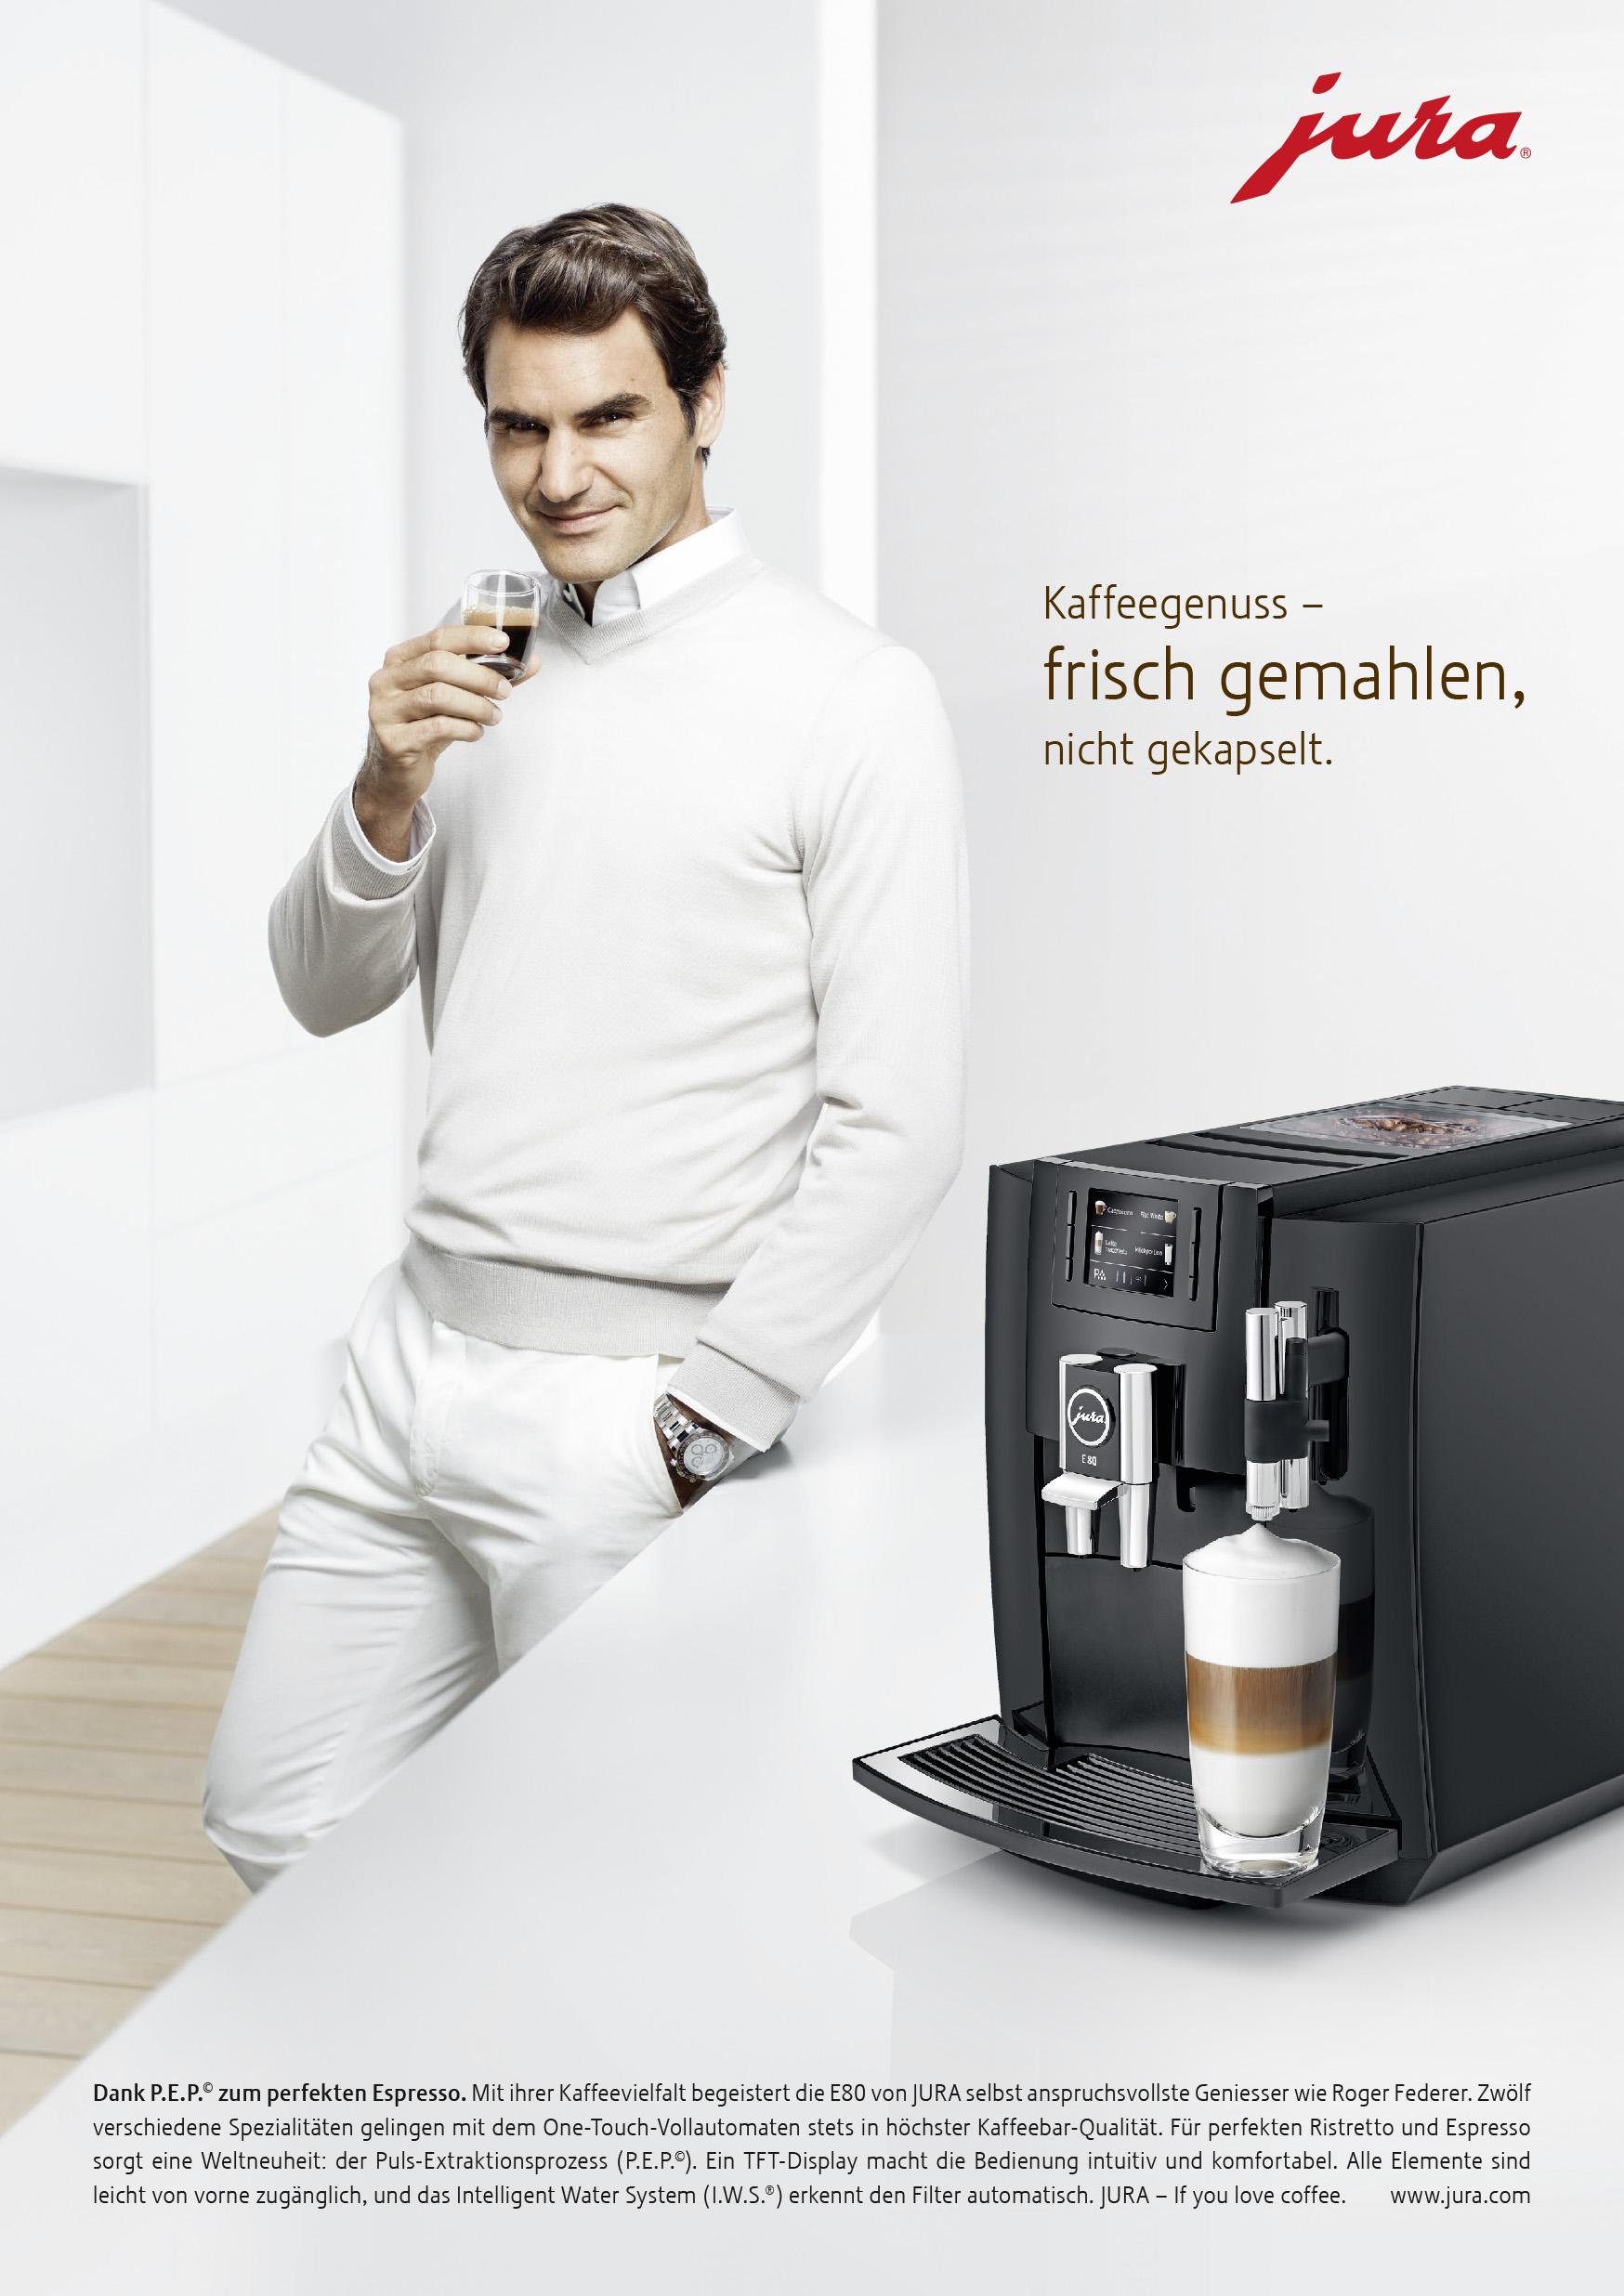 Publicis 171 Roger Federer F 252 R Jura Im Weltraum 187 Seilers Werbeblog